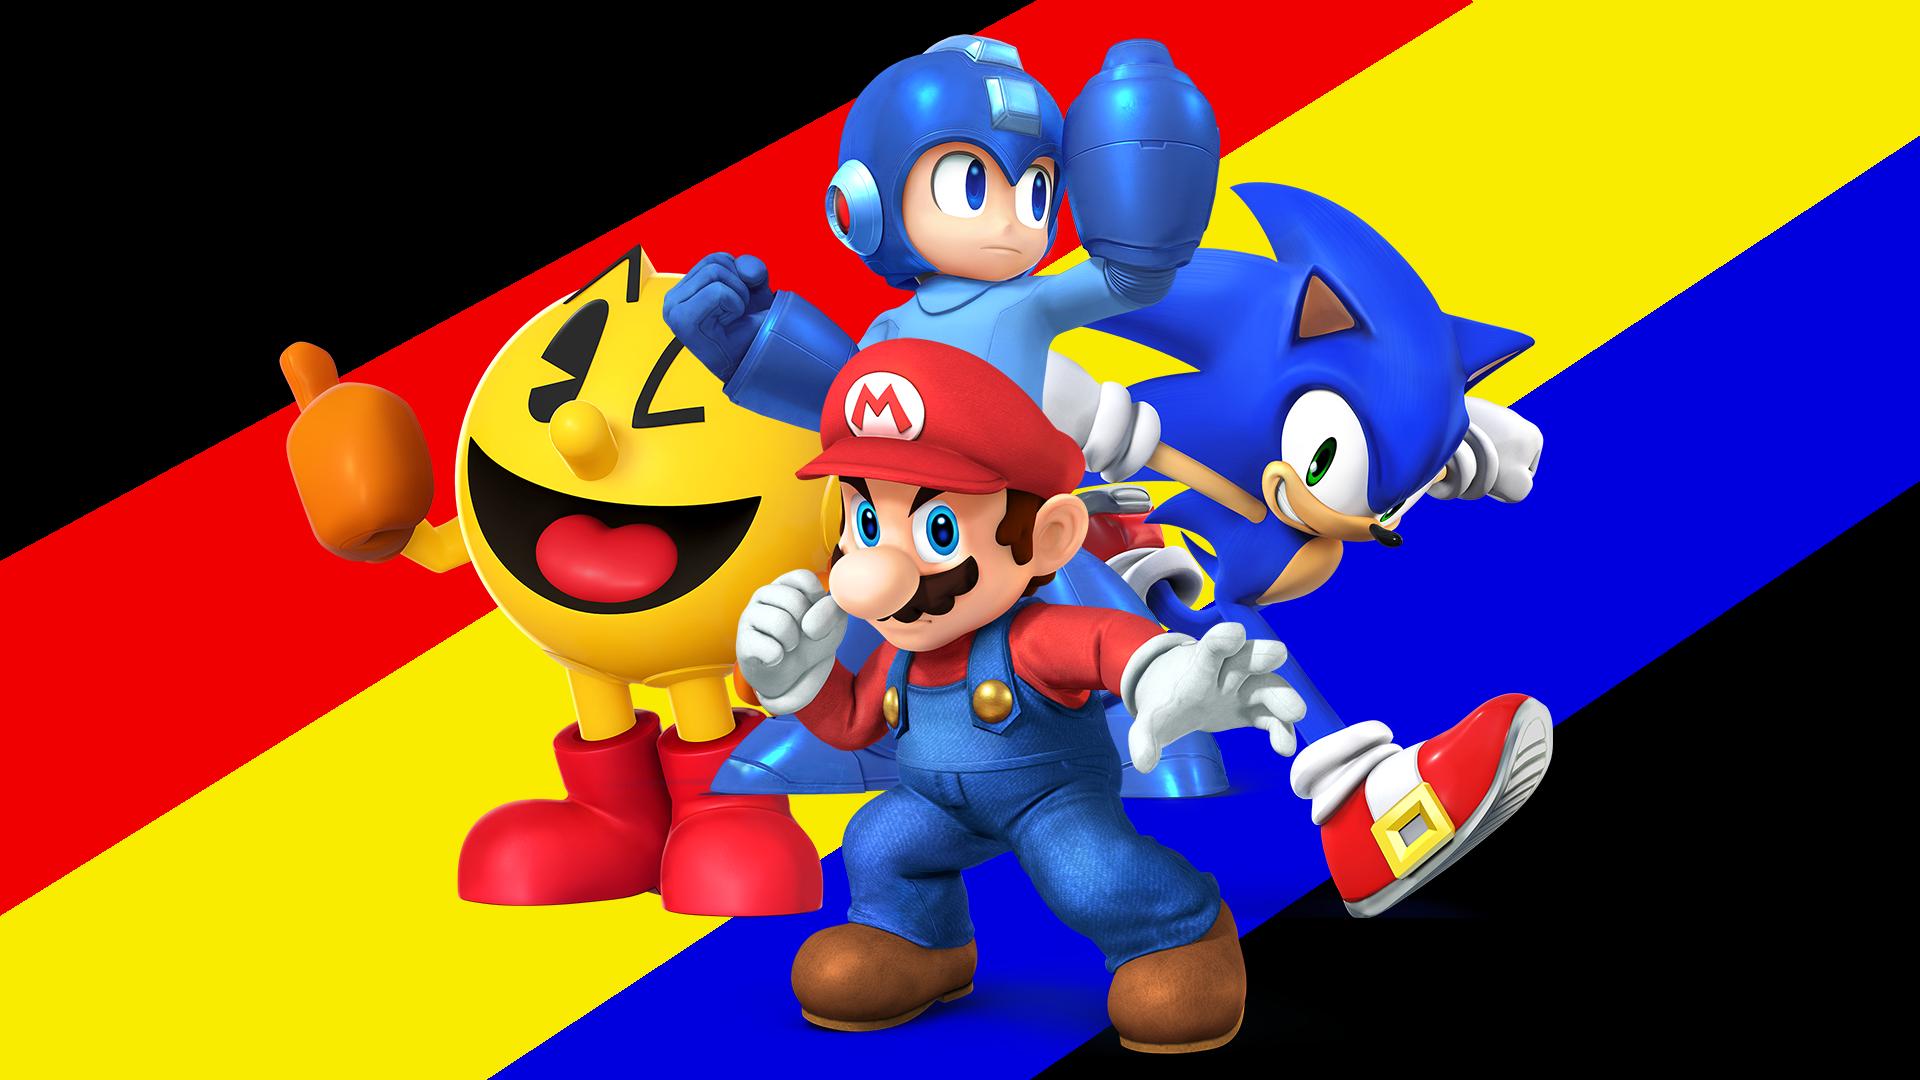 [45+] Super Smash Bros HD Wallpaper on WallpaperSafari